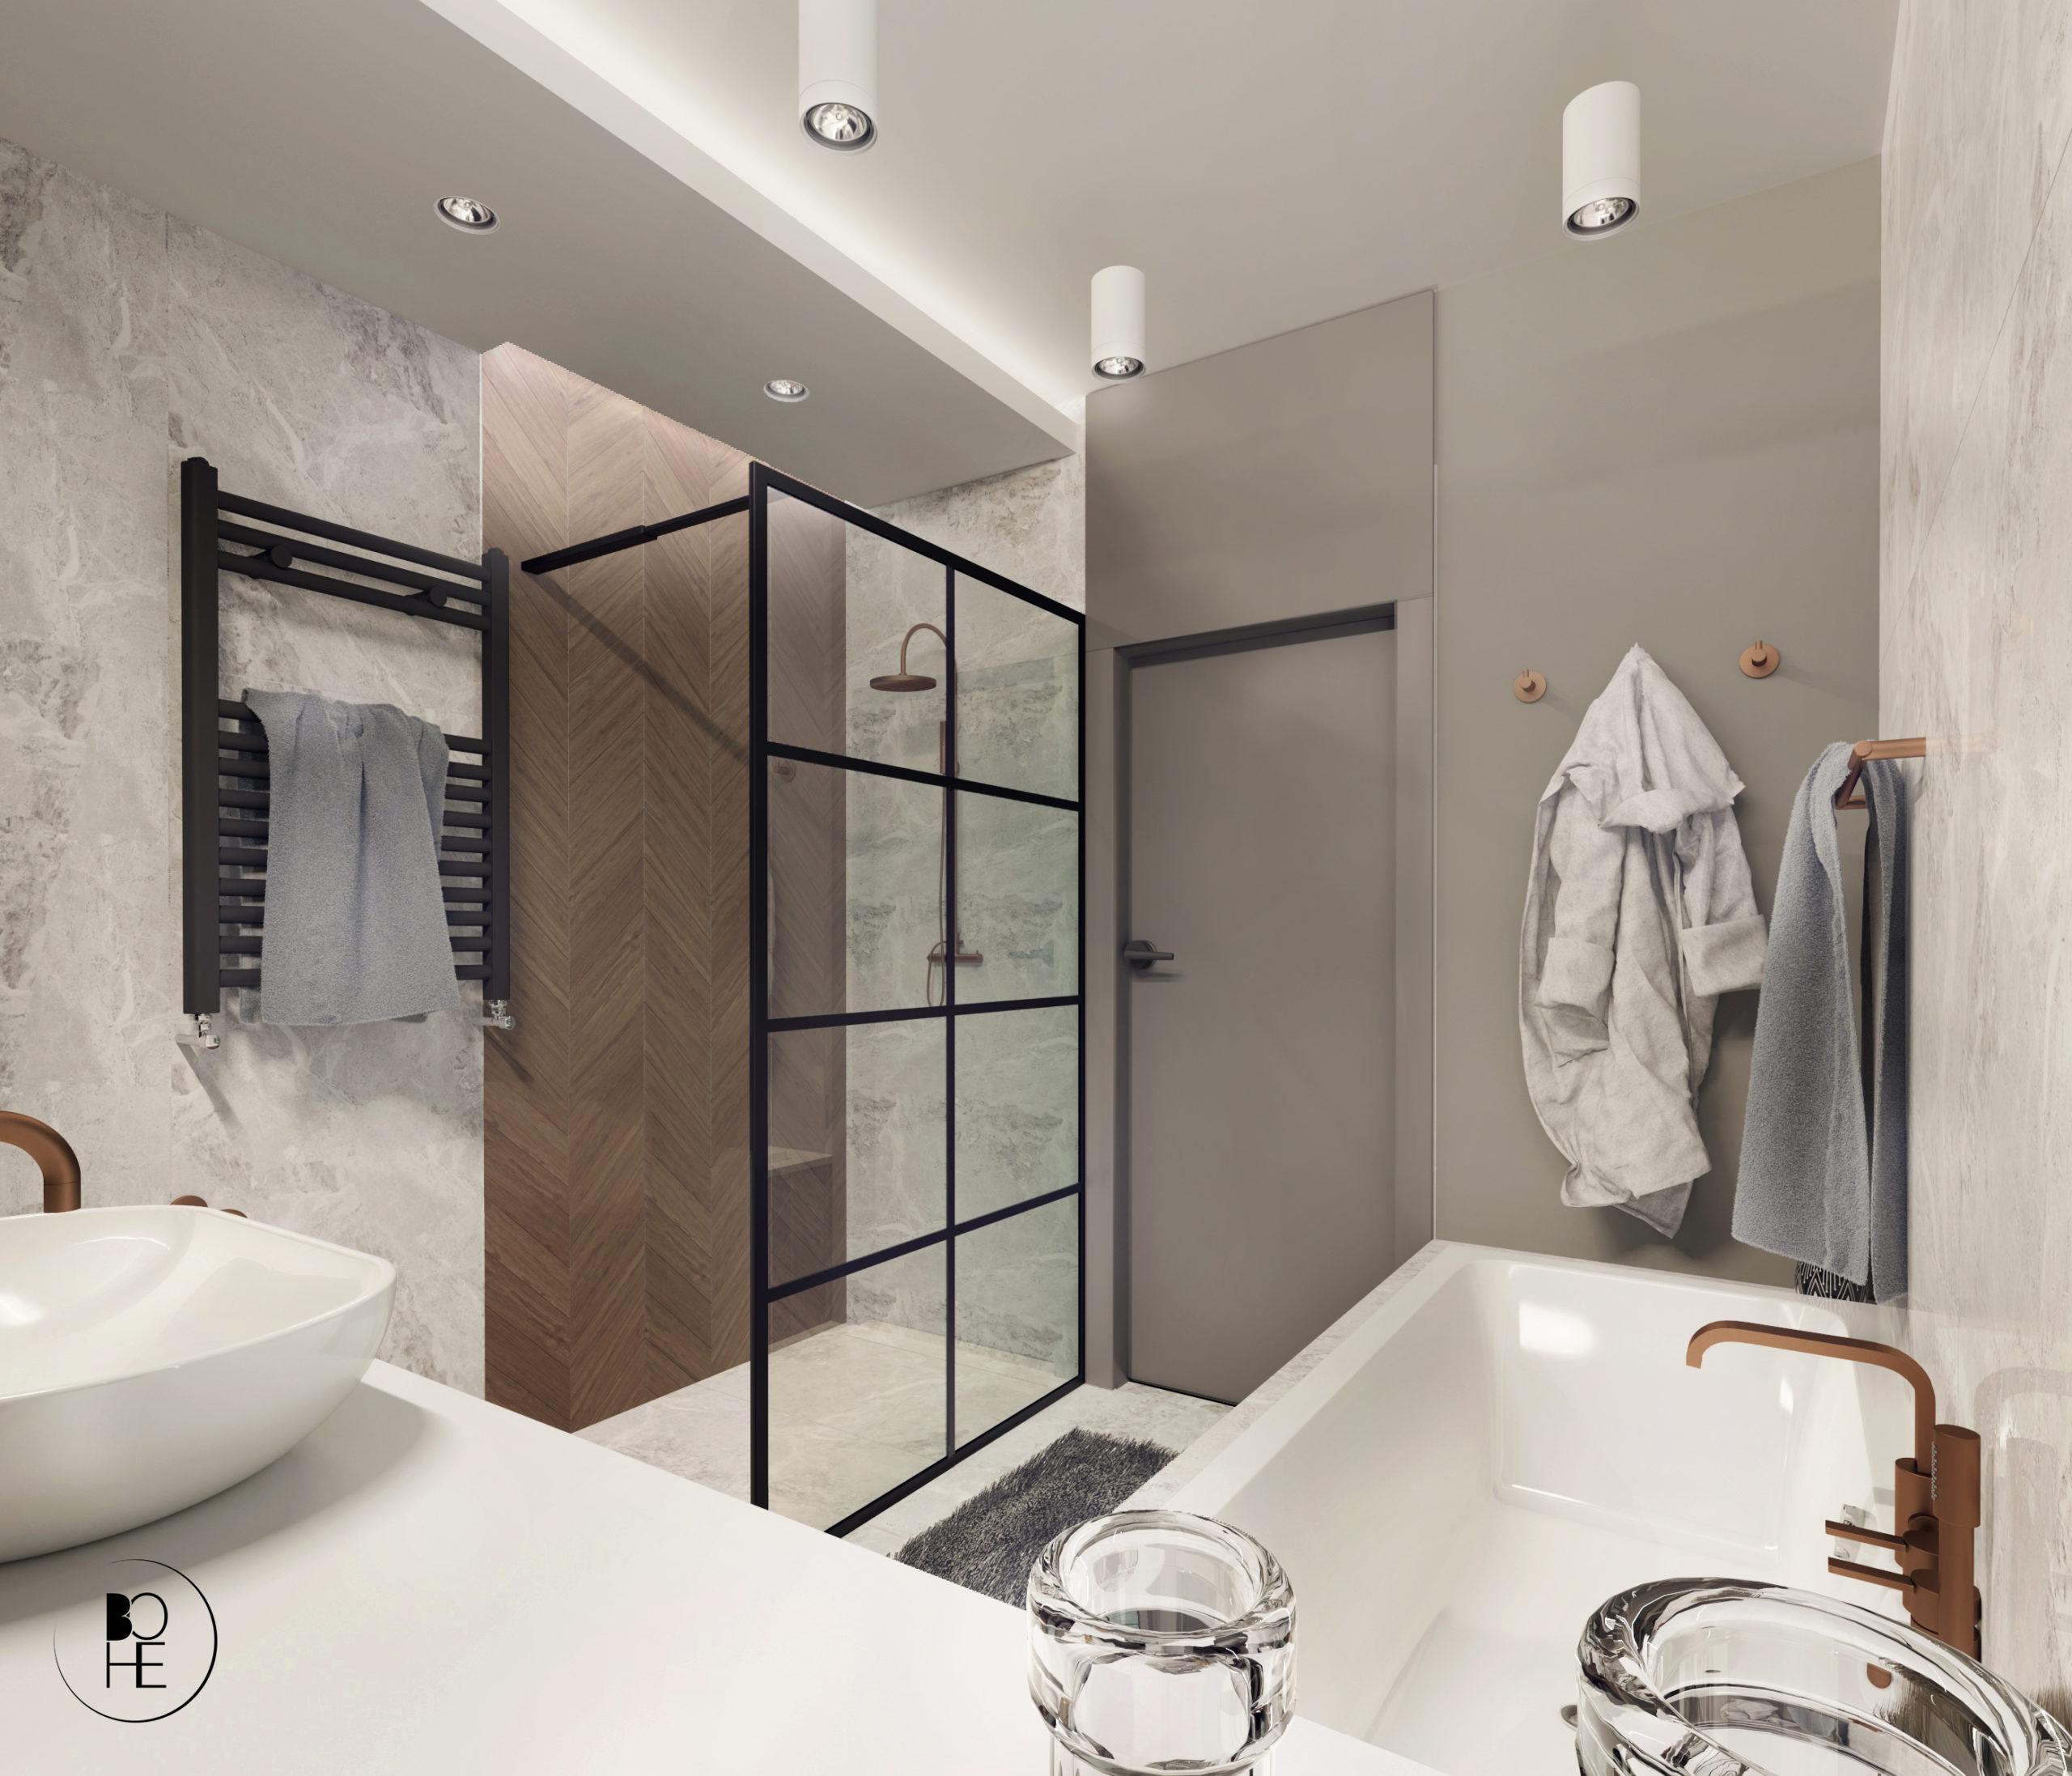 architekt Bialystok Skowronska Anna Projekt jasnej toalety z płytkami firmy Paradyż i armaturą GROHE Brushed sunset